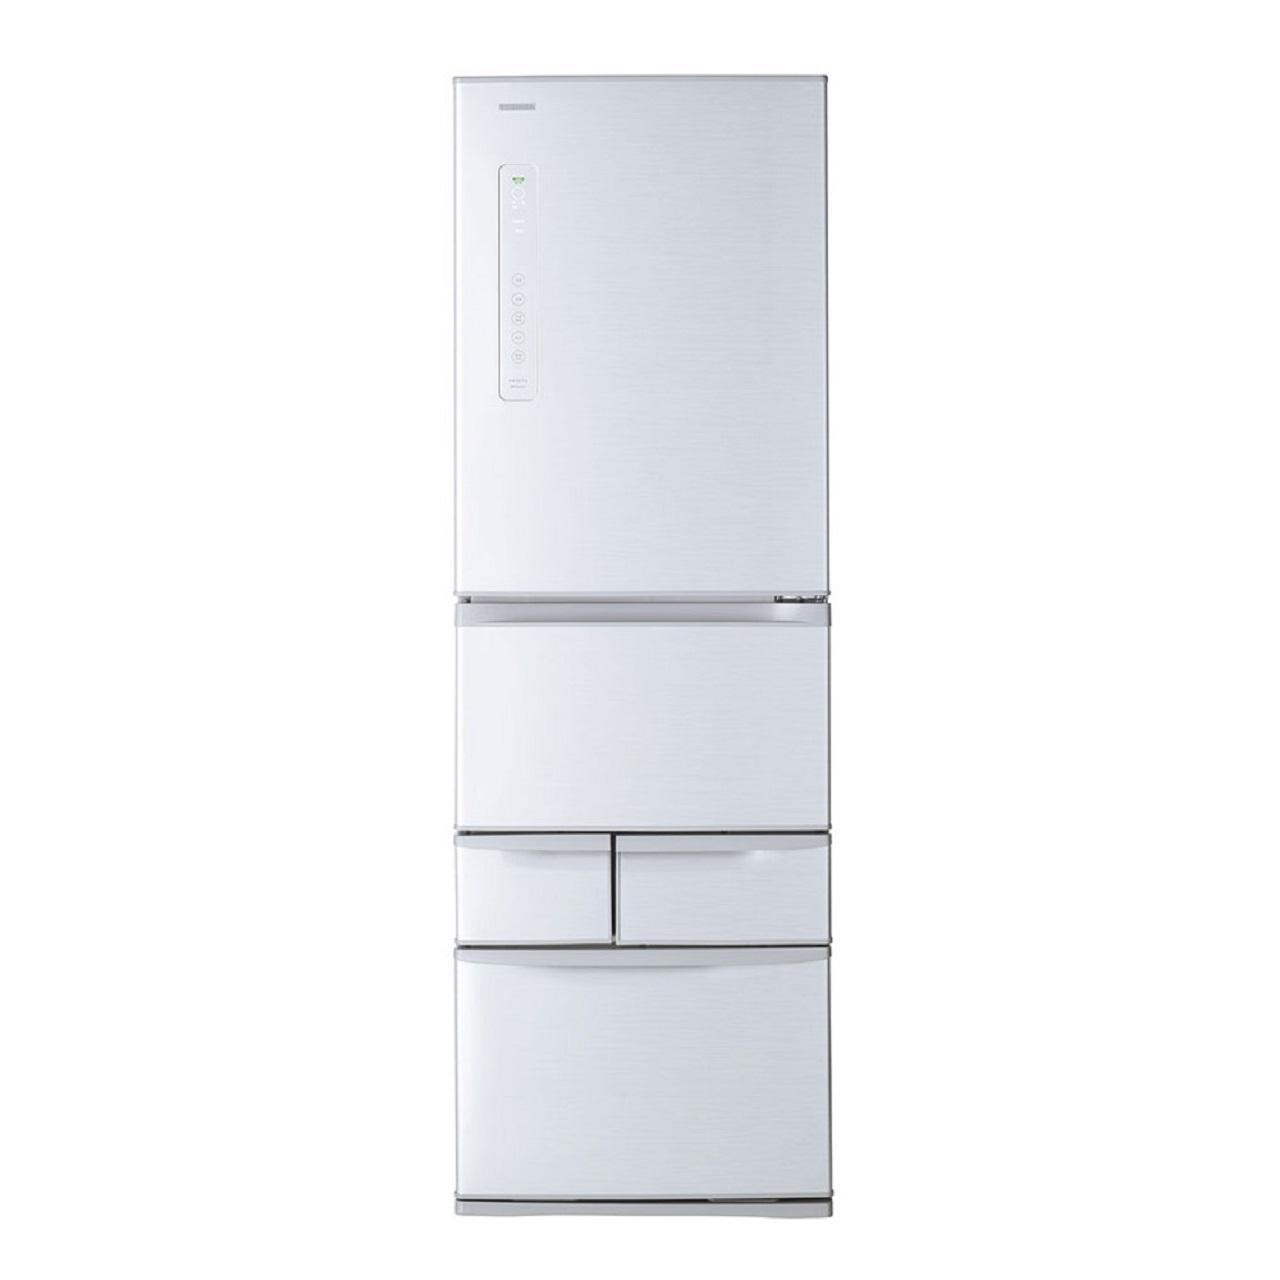 東芝ベジータGR-G43G冷蔵庫